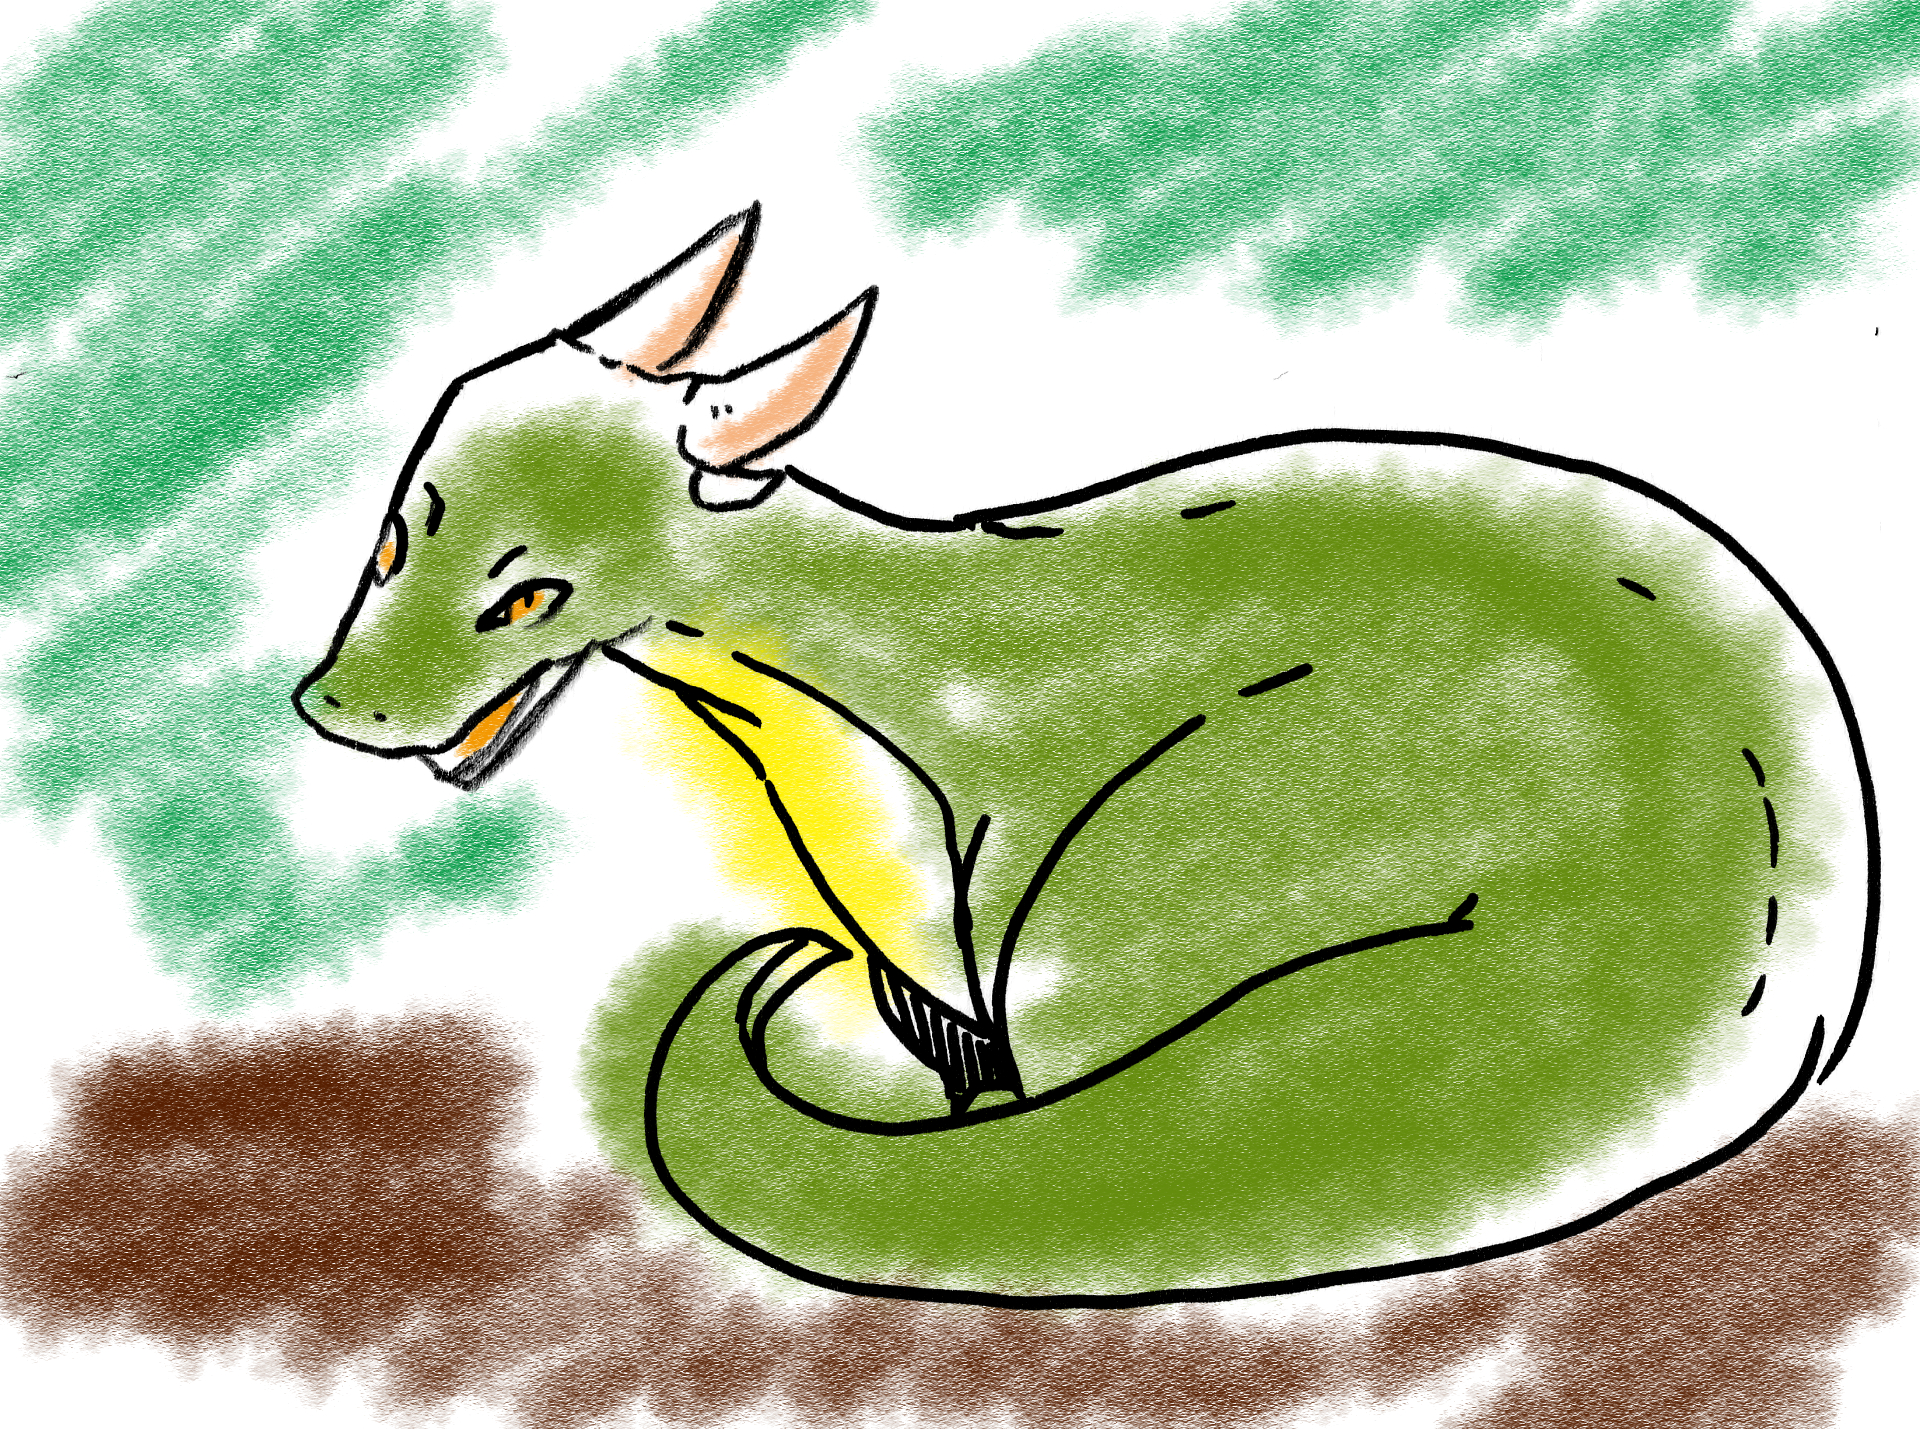 ドラゴンをイラストで描くのは難しい?極力簡単な描き方